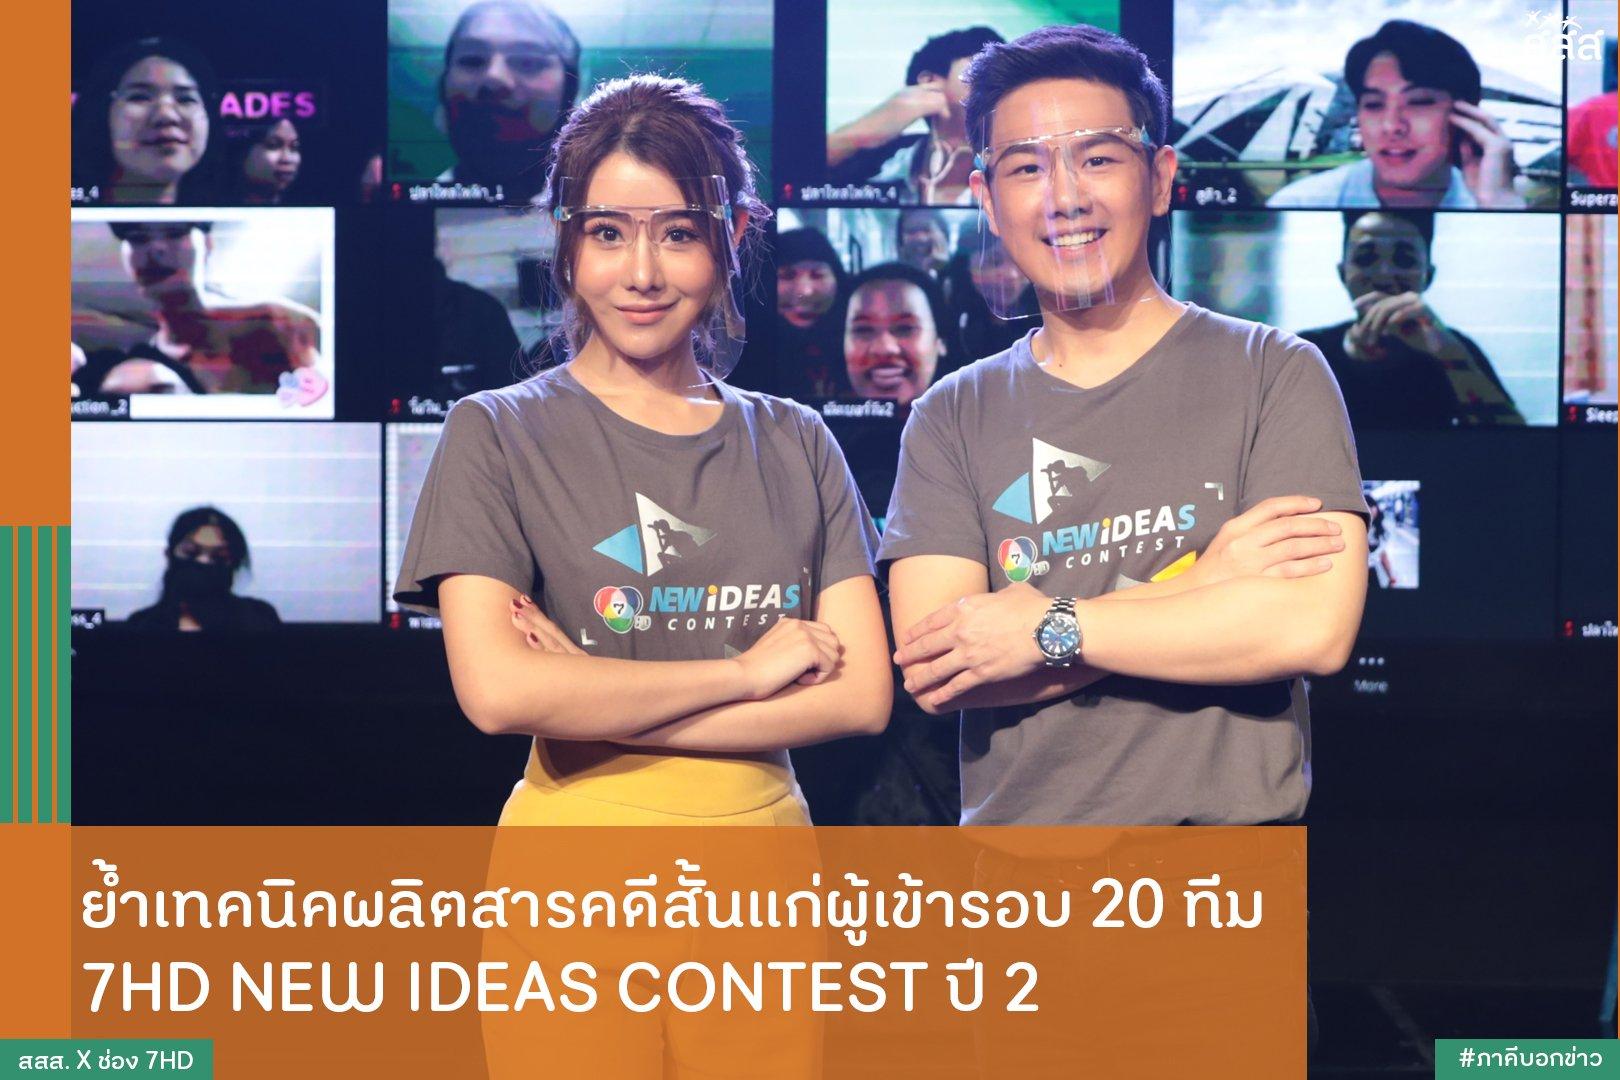 ย้ำเทคนิคผลิตสารคดีสั้นแก่ผู้เข้ารอบ 20 ทีม 7HD NEW IDEAS CONTEST ปี 2 thaihealth